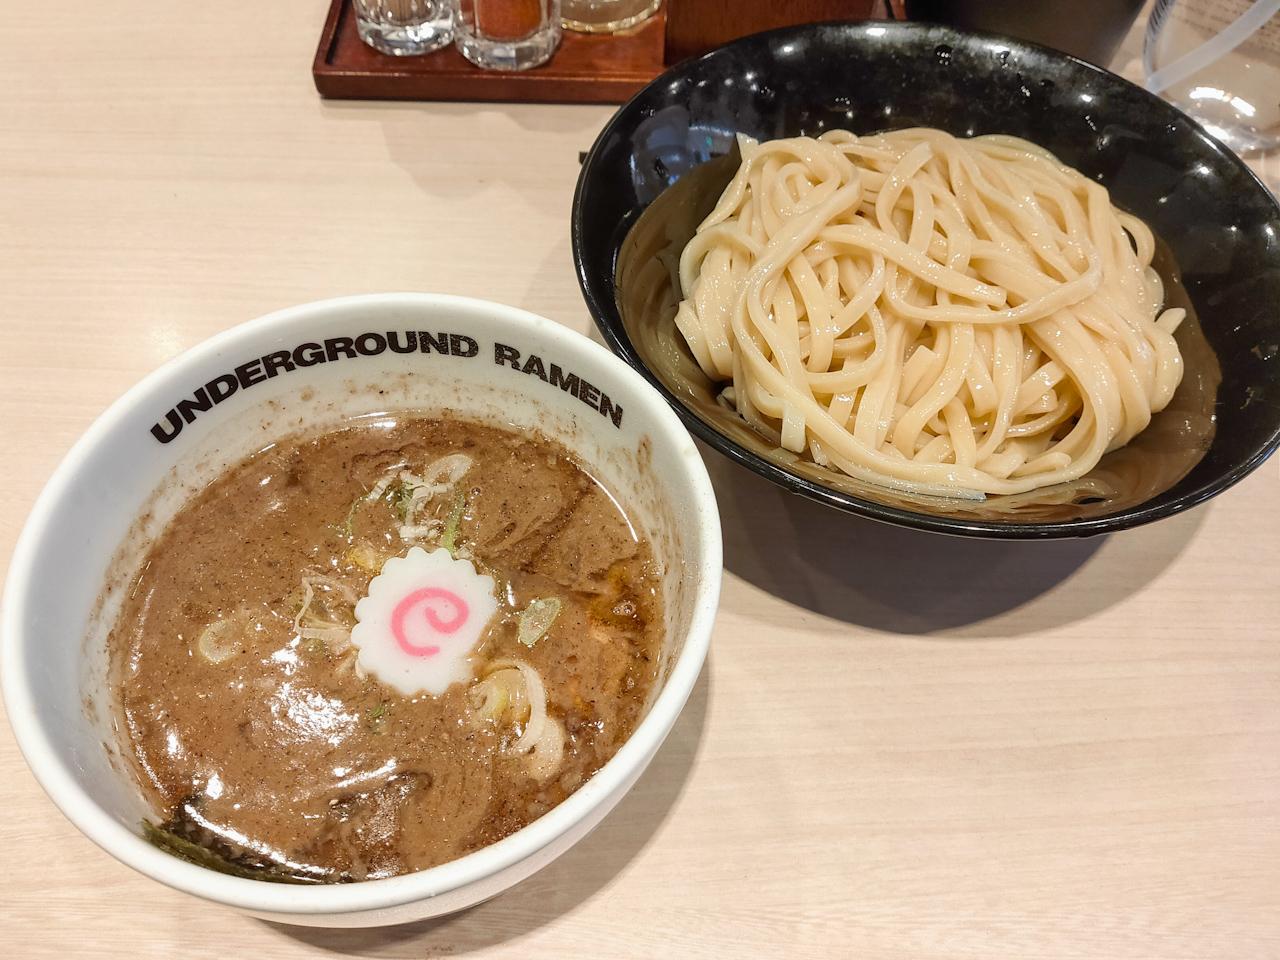 「UNDERGROUND RAMEN 頑者」の「つけ麺 濃厚」(880円)